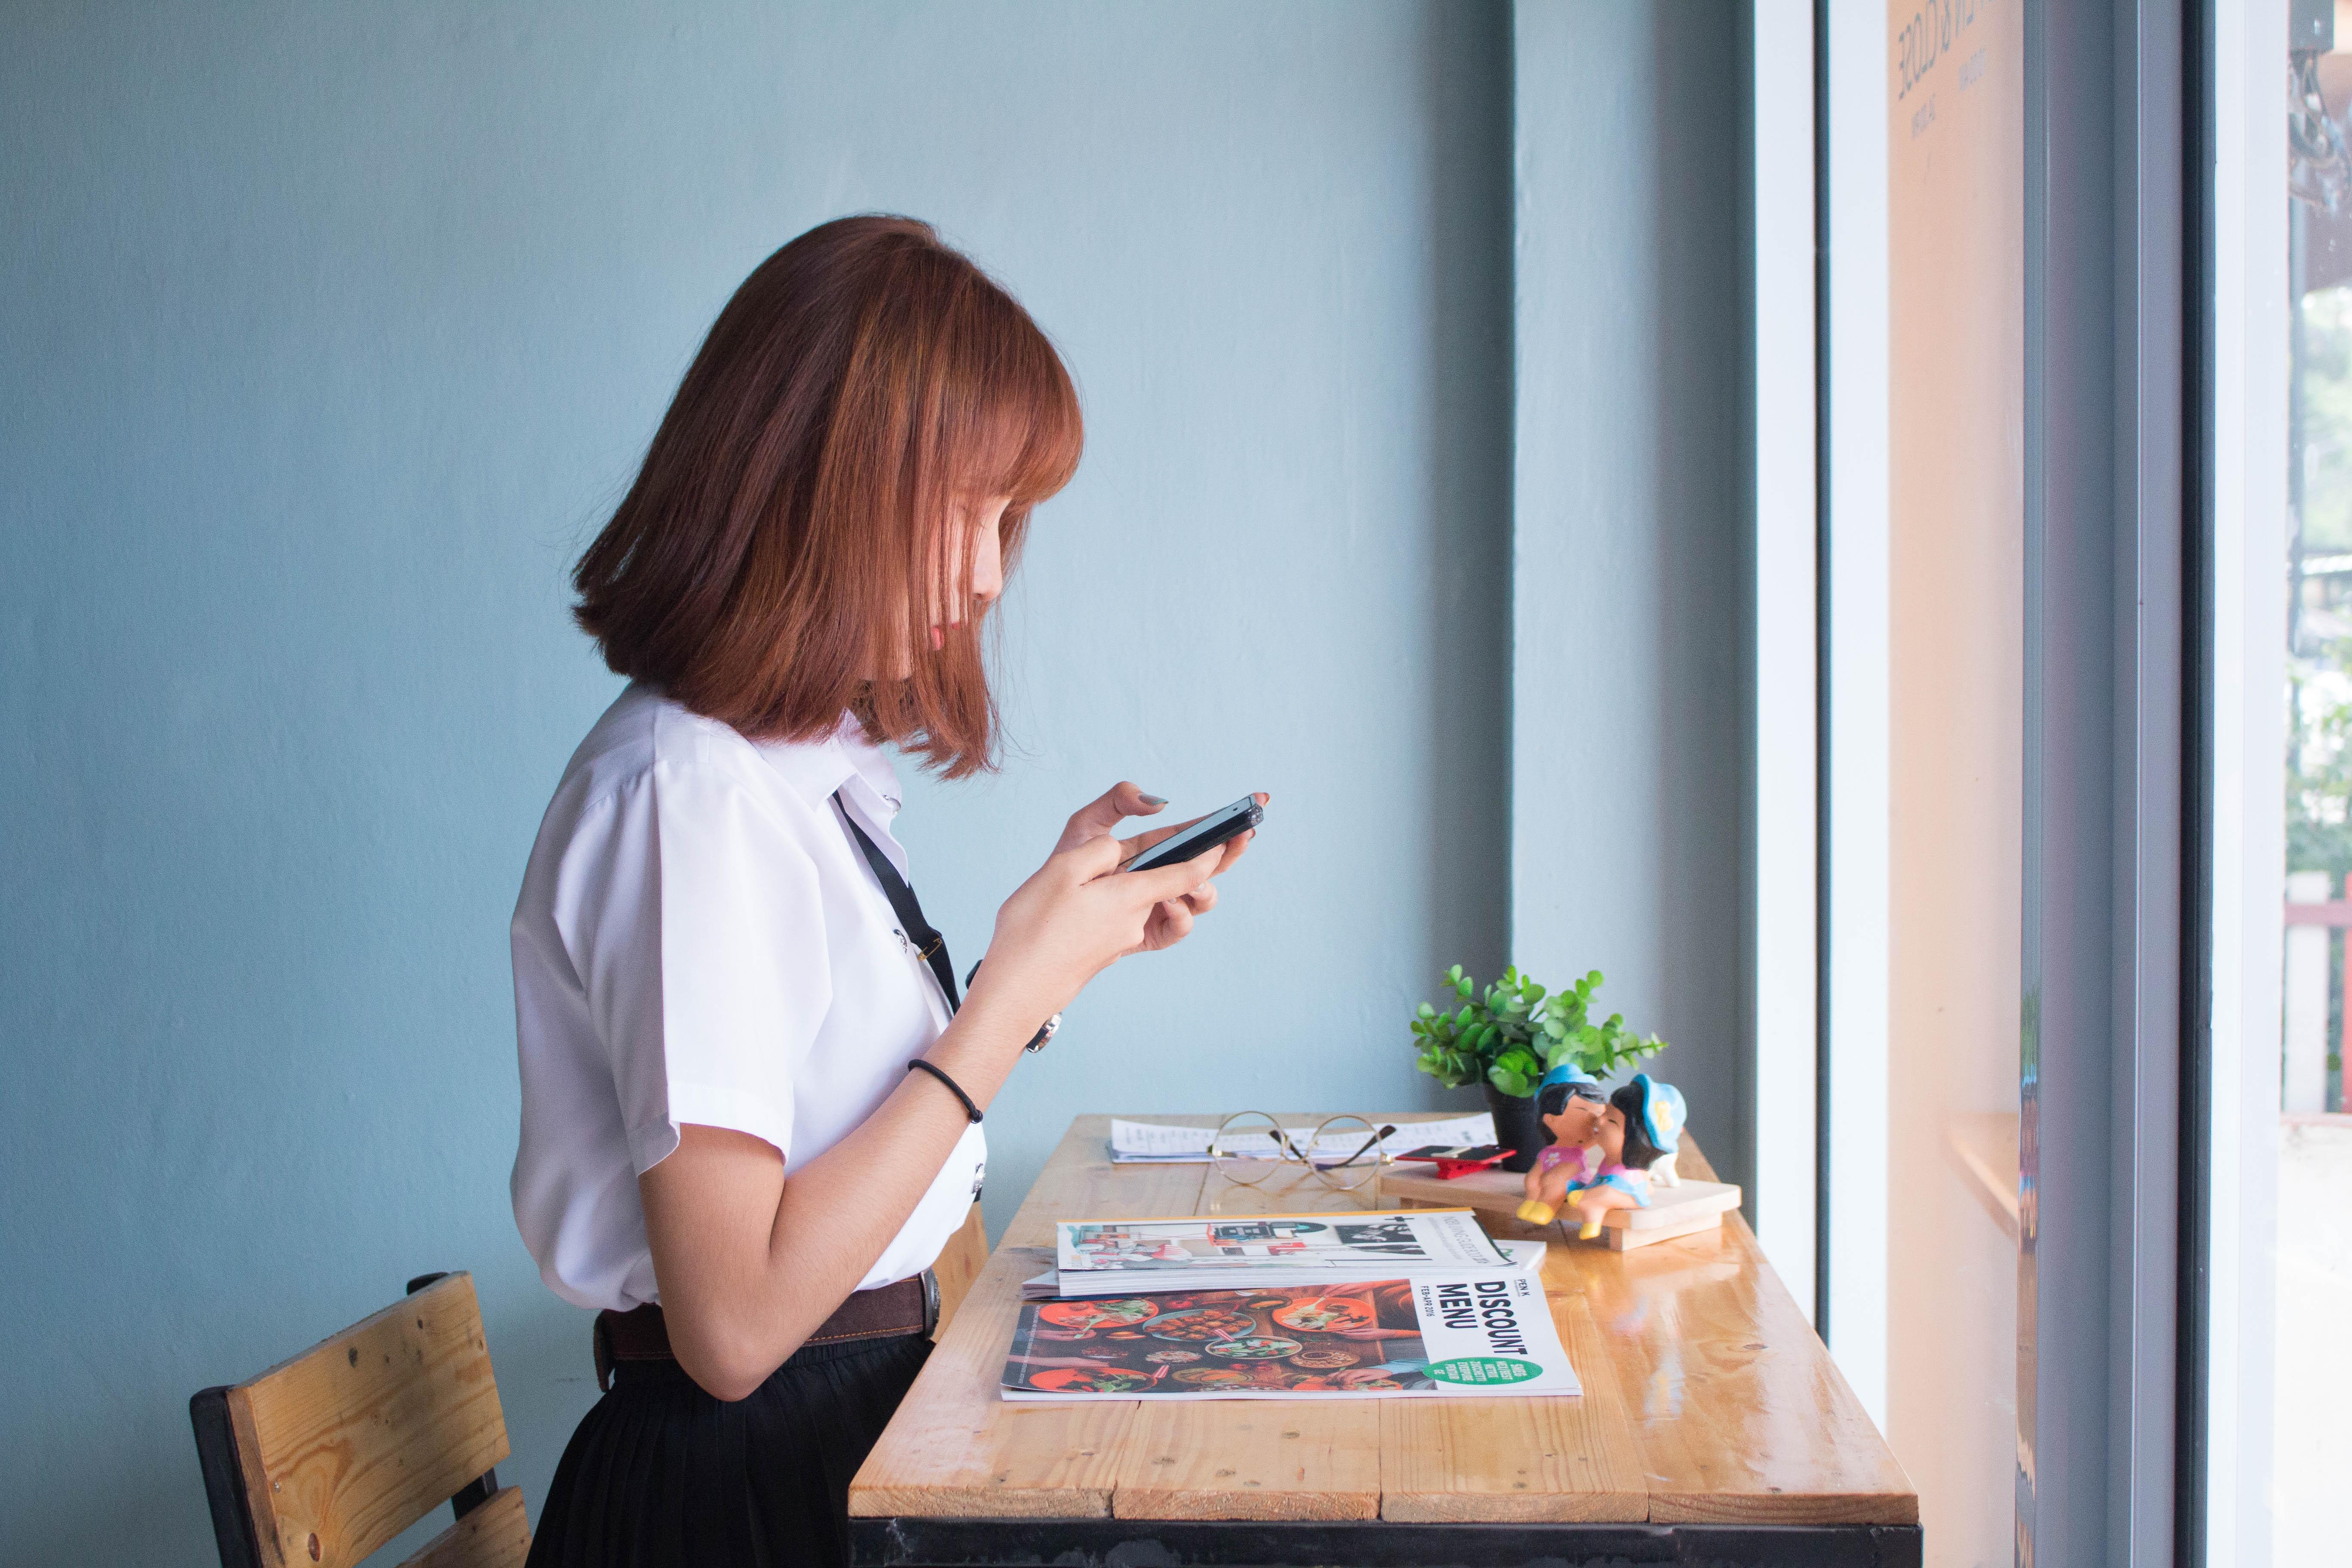 desk, girl, person